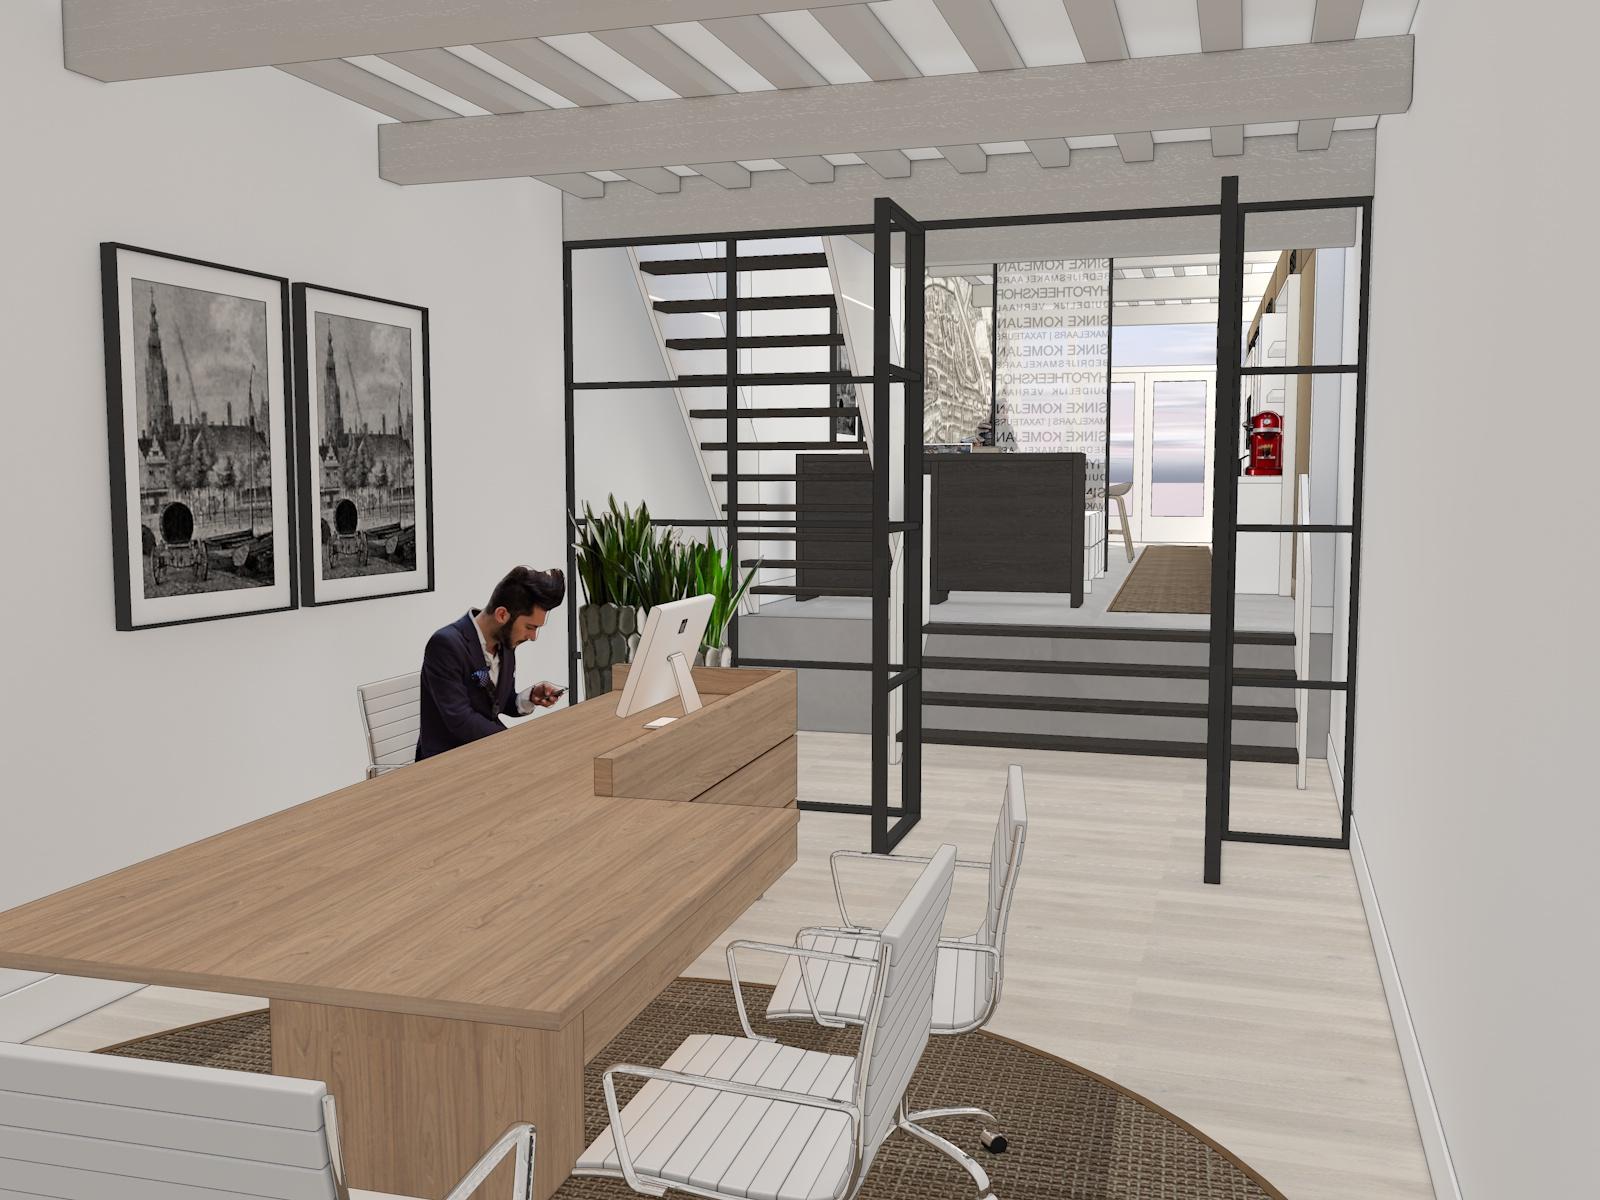 Coming soon nieuw interieurconcept makelaarskantoor sinke for Kantoor interieur ideeen